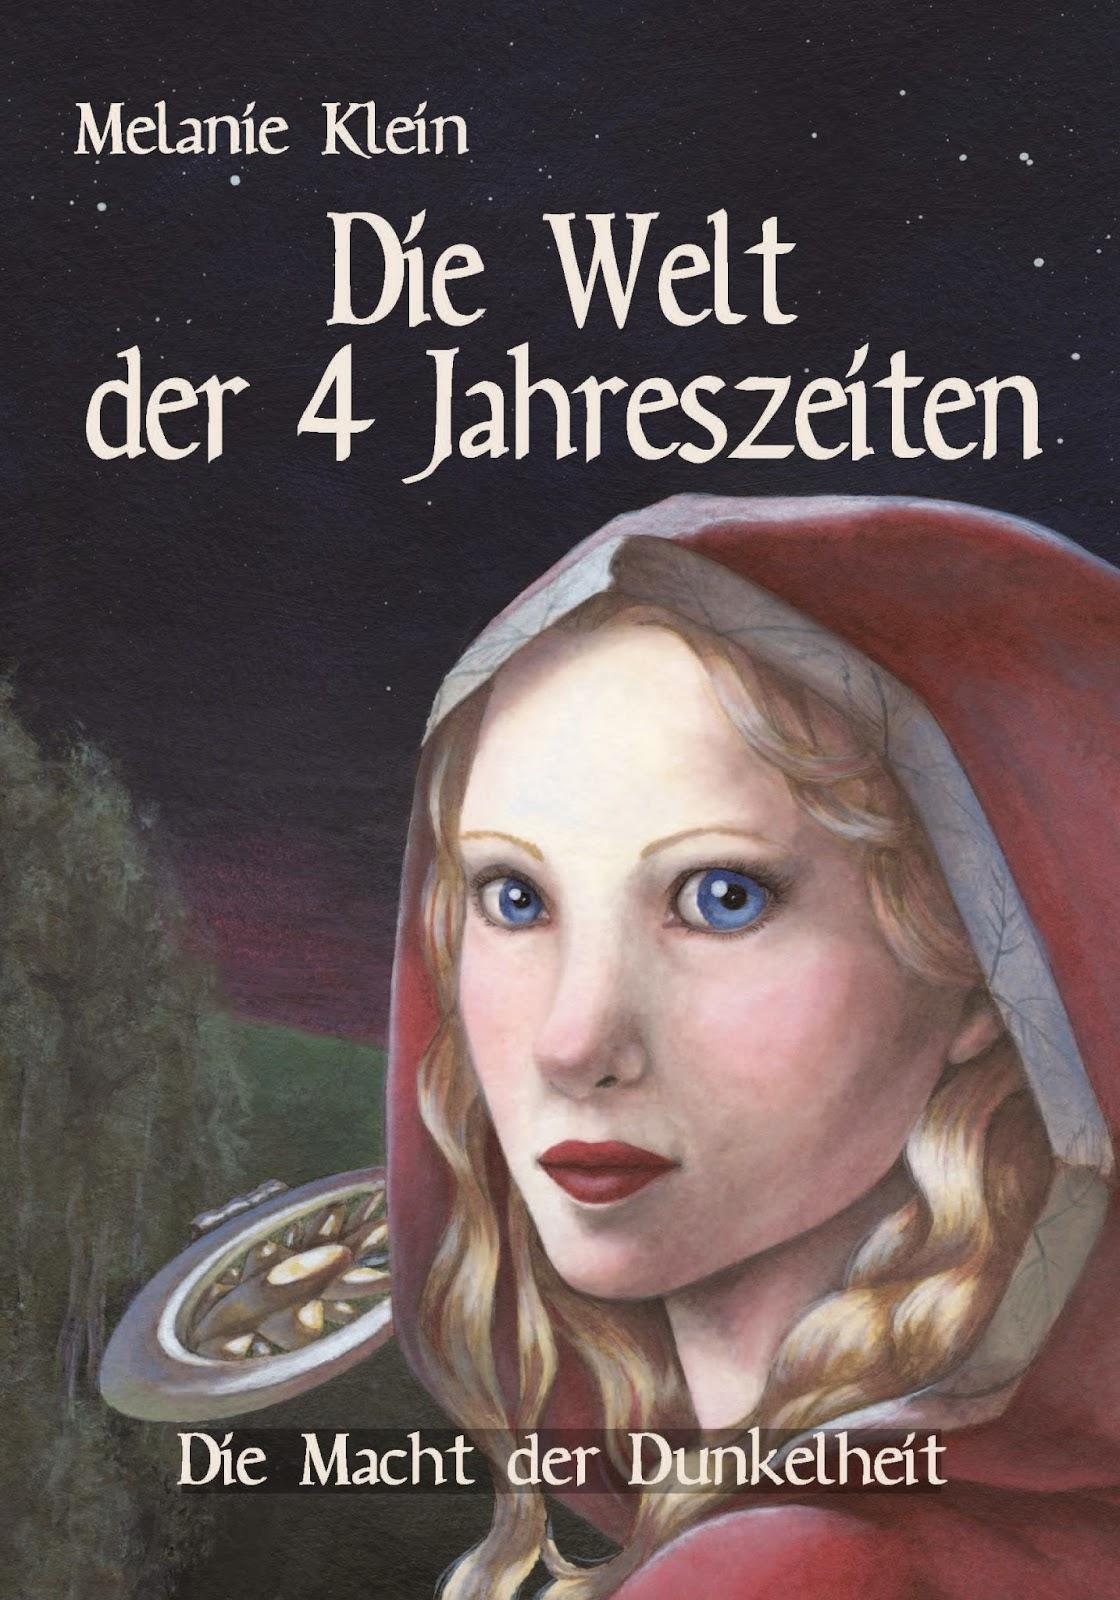 http://manjasbuchregal.blogspot.de/2015/01/gelesen-die-welt-der-4-jahreszeiten-die.html